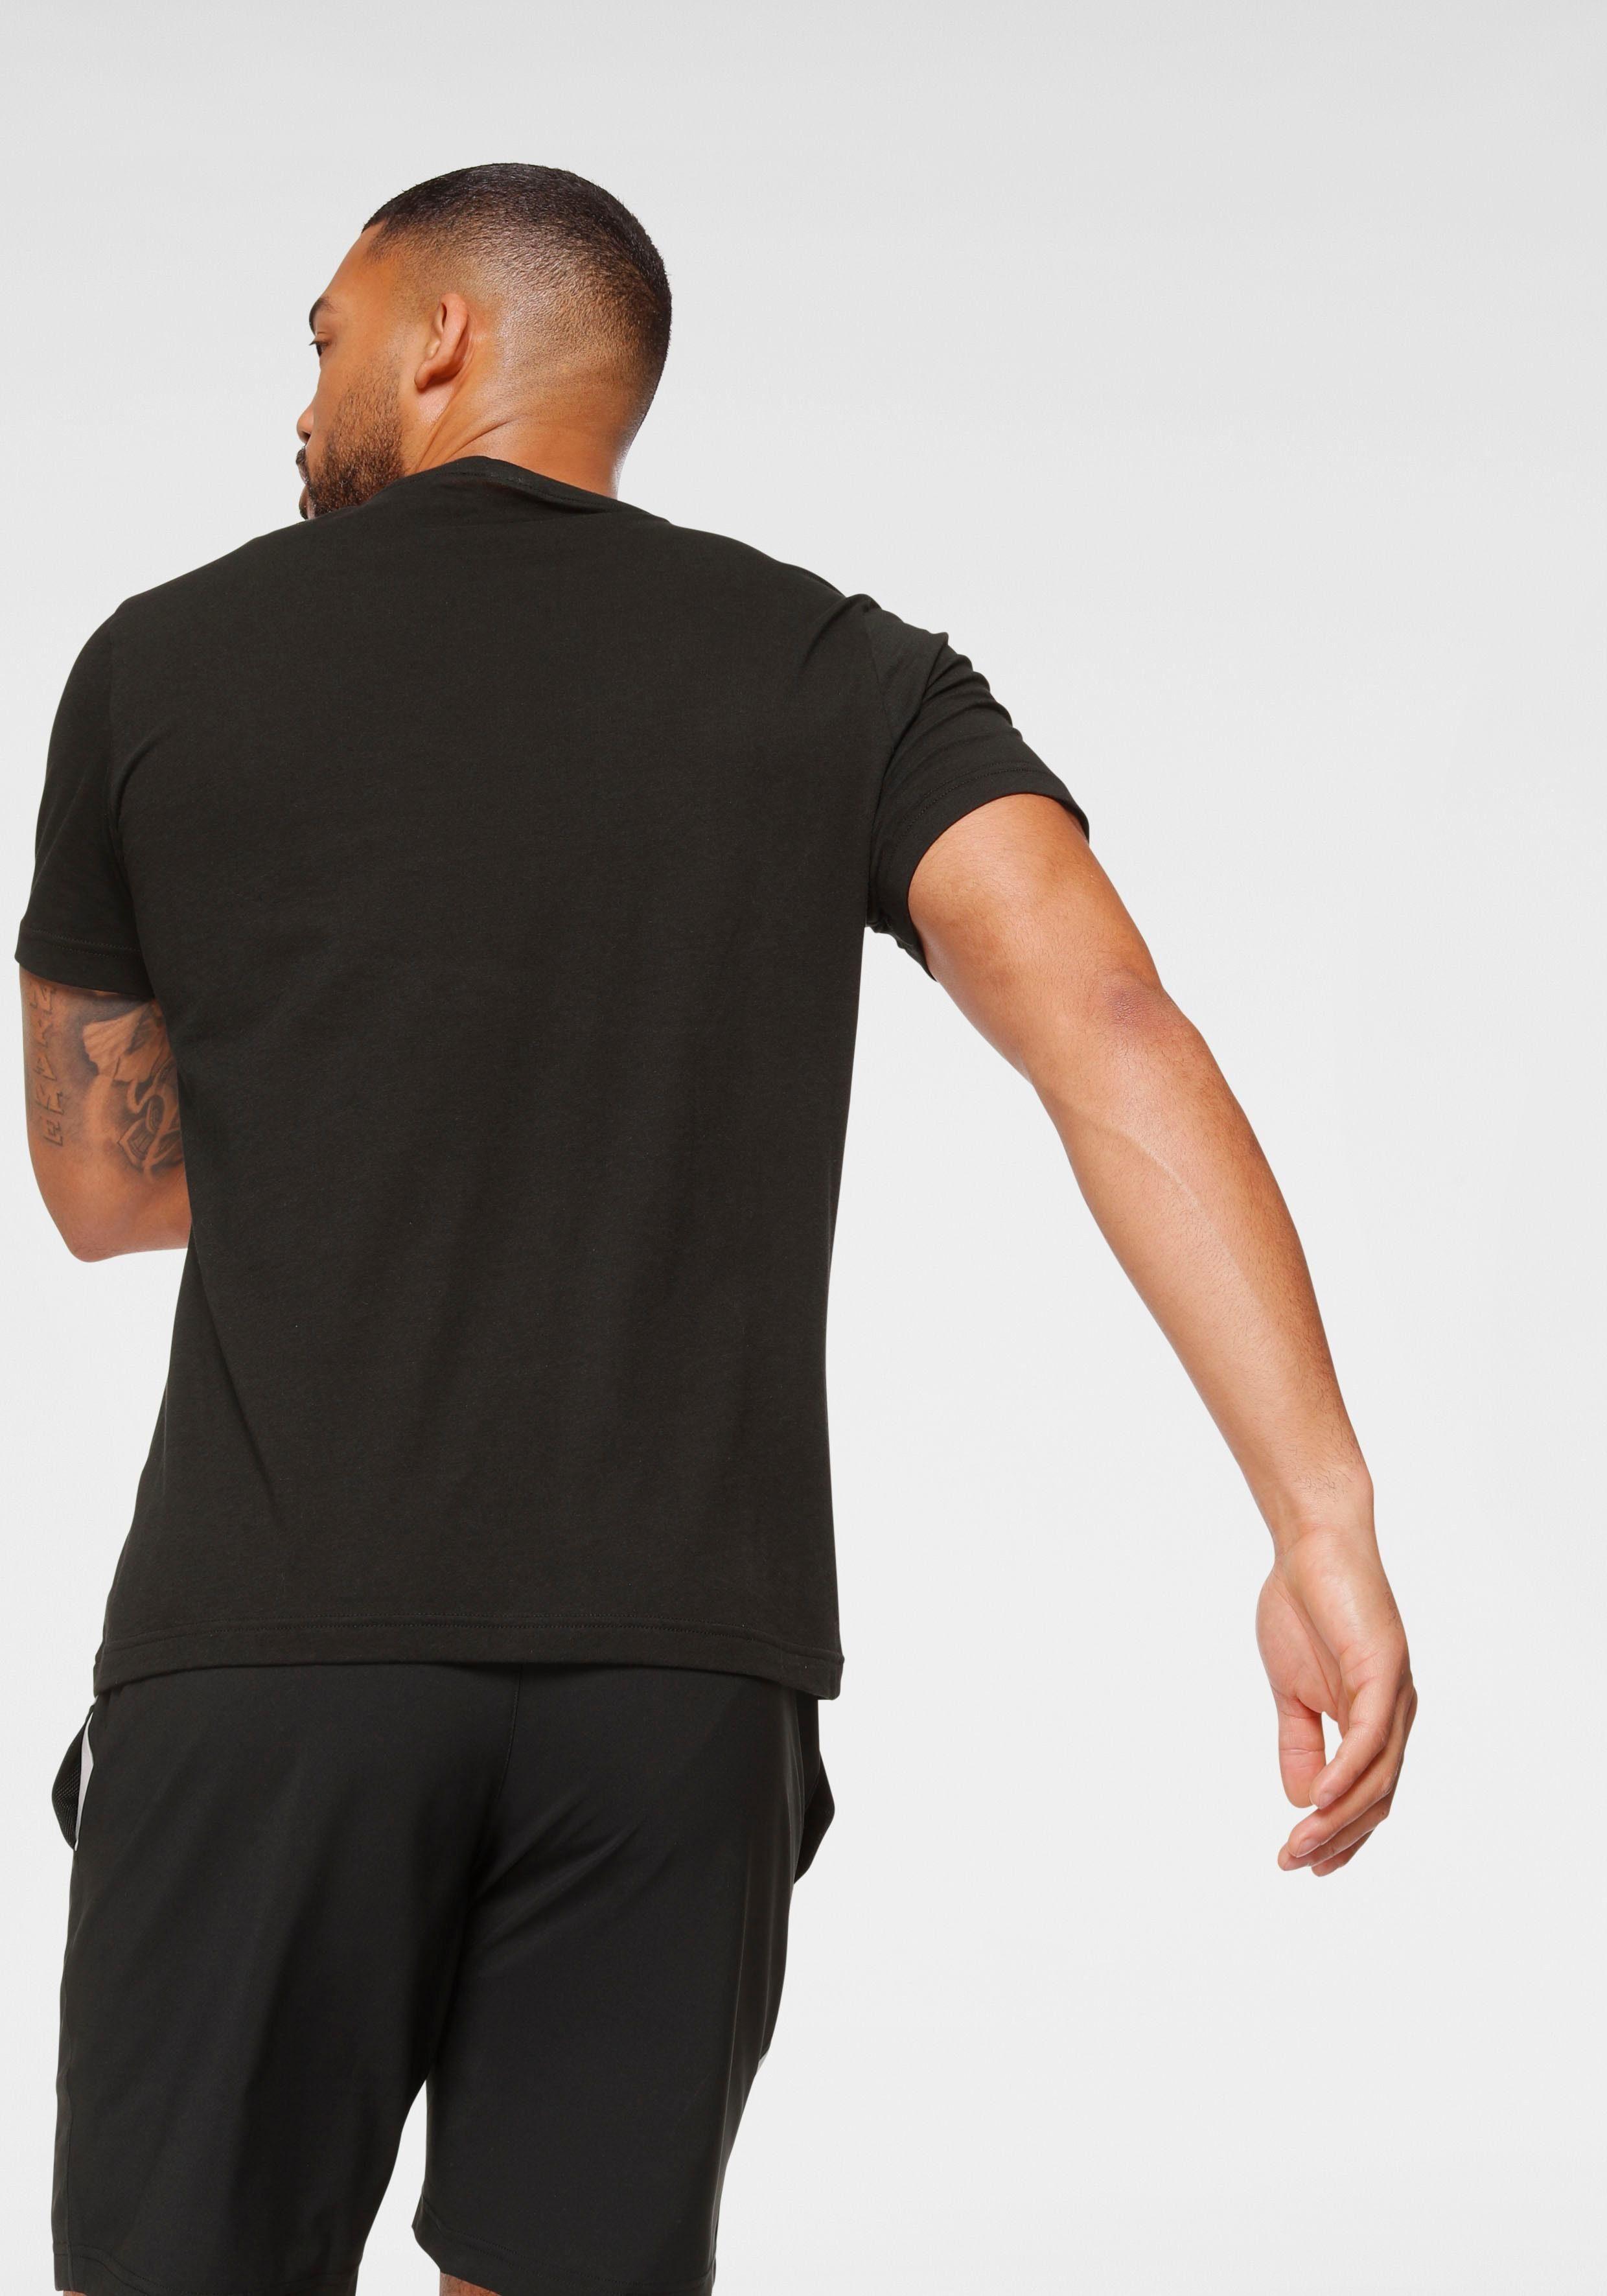 Reebok T-shirt Gs Stacked T Snel Gevonden - Geweldige Prijs